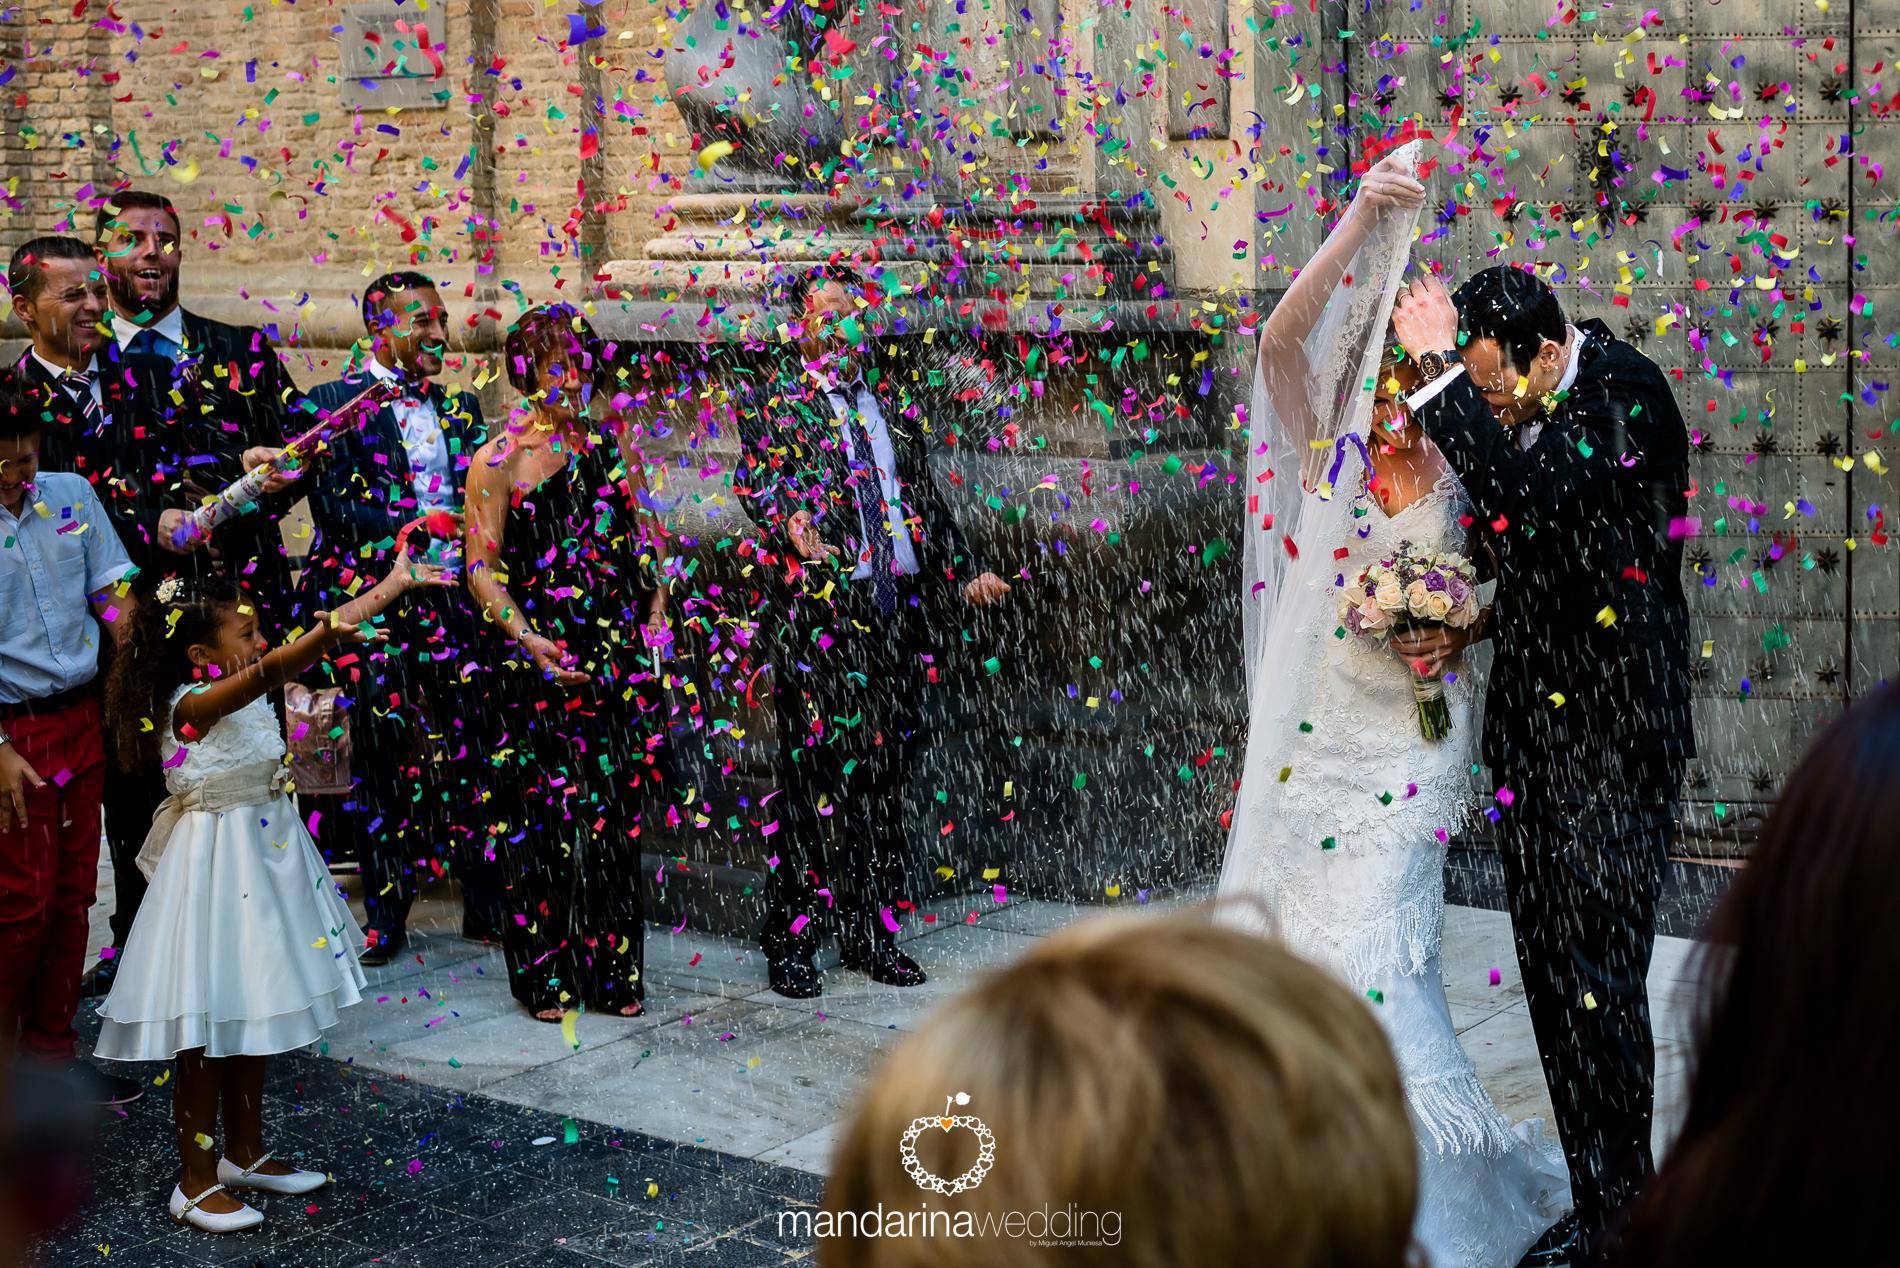 mandarina wedding_18